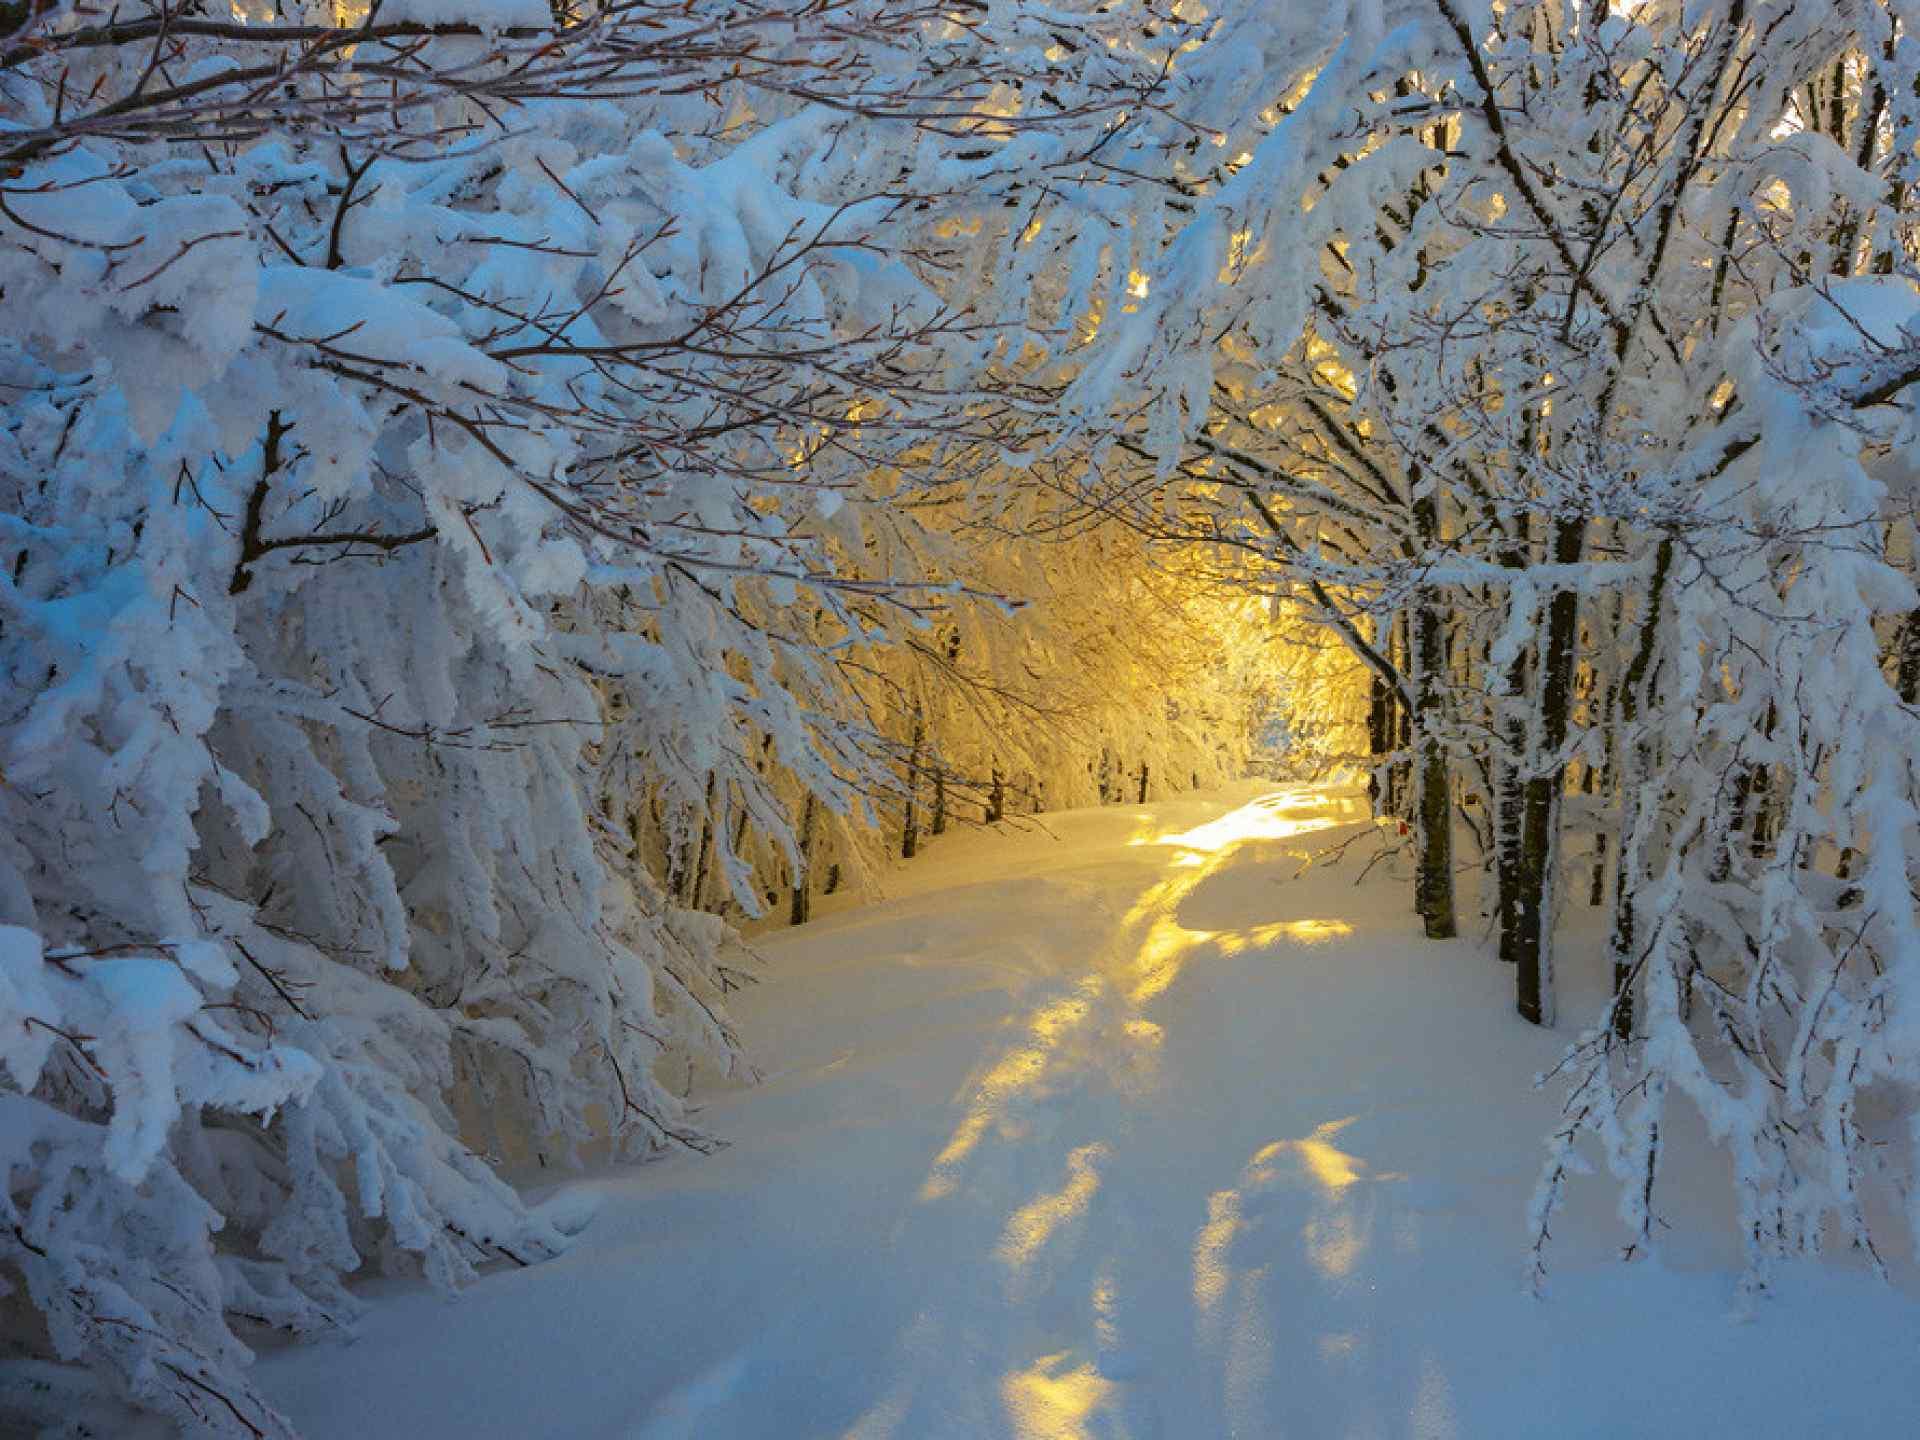 Зимняя тропа - к солнцу!